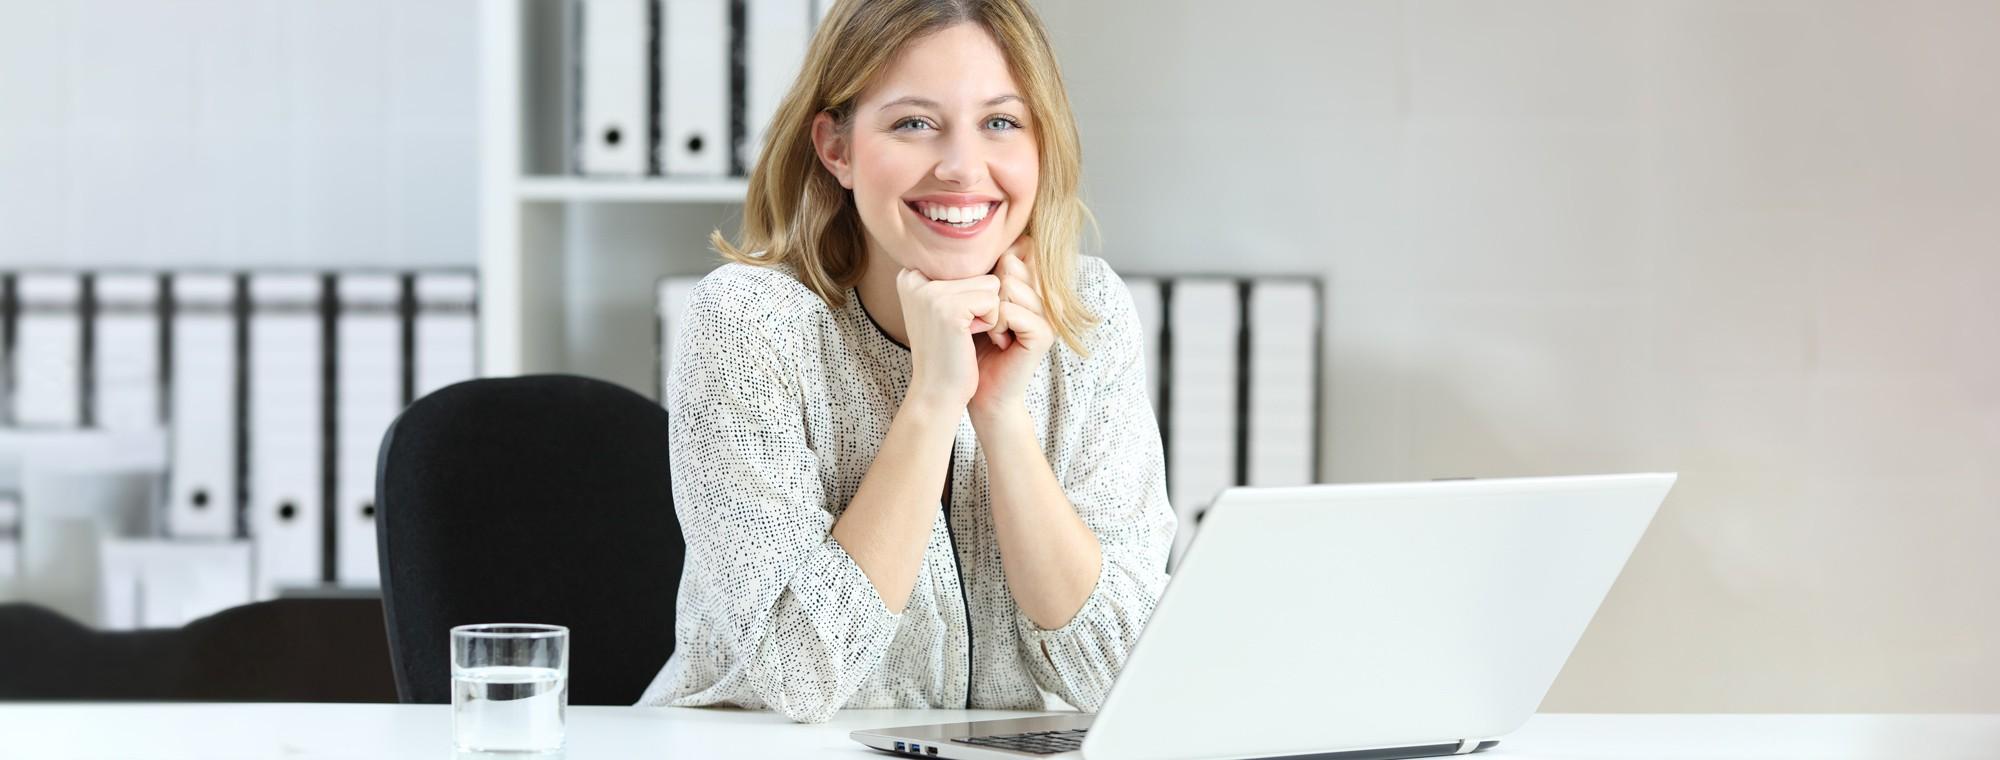 Frau vor Laptop bei digitaliserter Arbeit